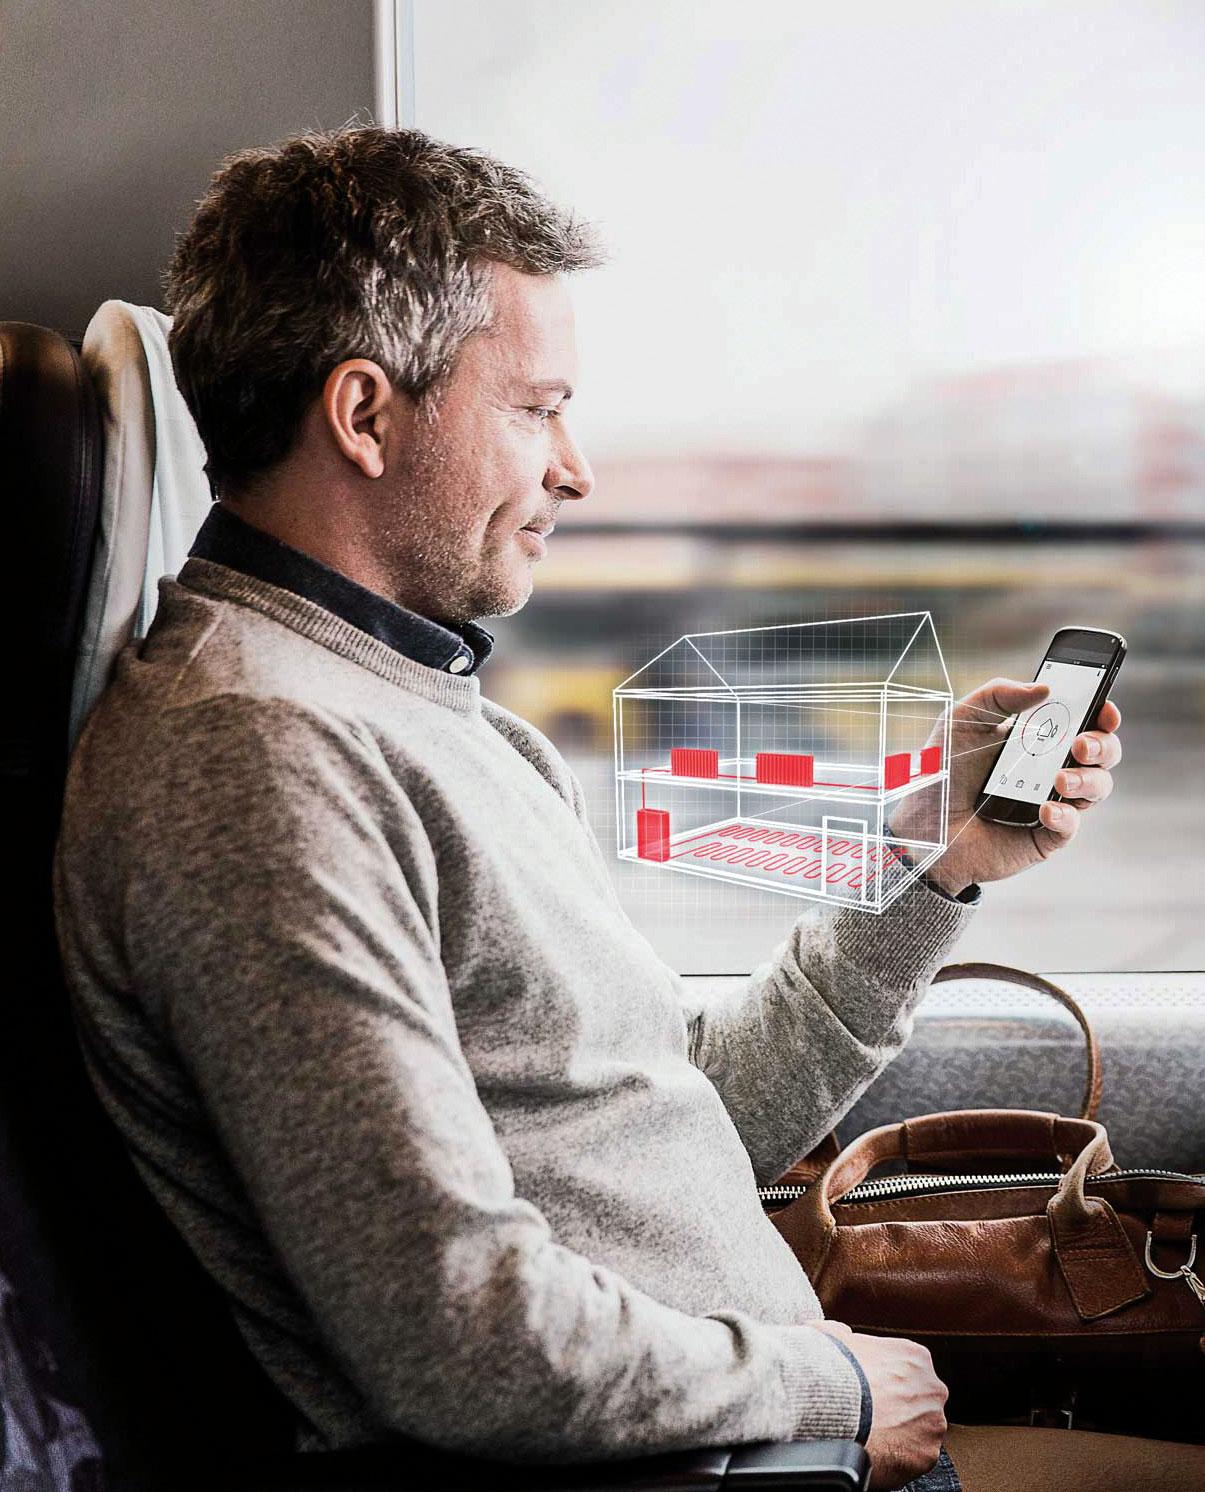 Fot. 1. Aplikacja Danfoss Link™ App pozwala na łatwe sterowanie ogrzewaniem za pomocą telefonu komórkowego – zawsze i wszędzie. Fot. DANFOSS